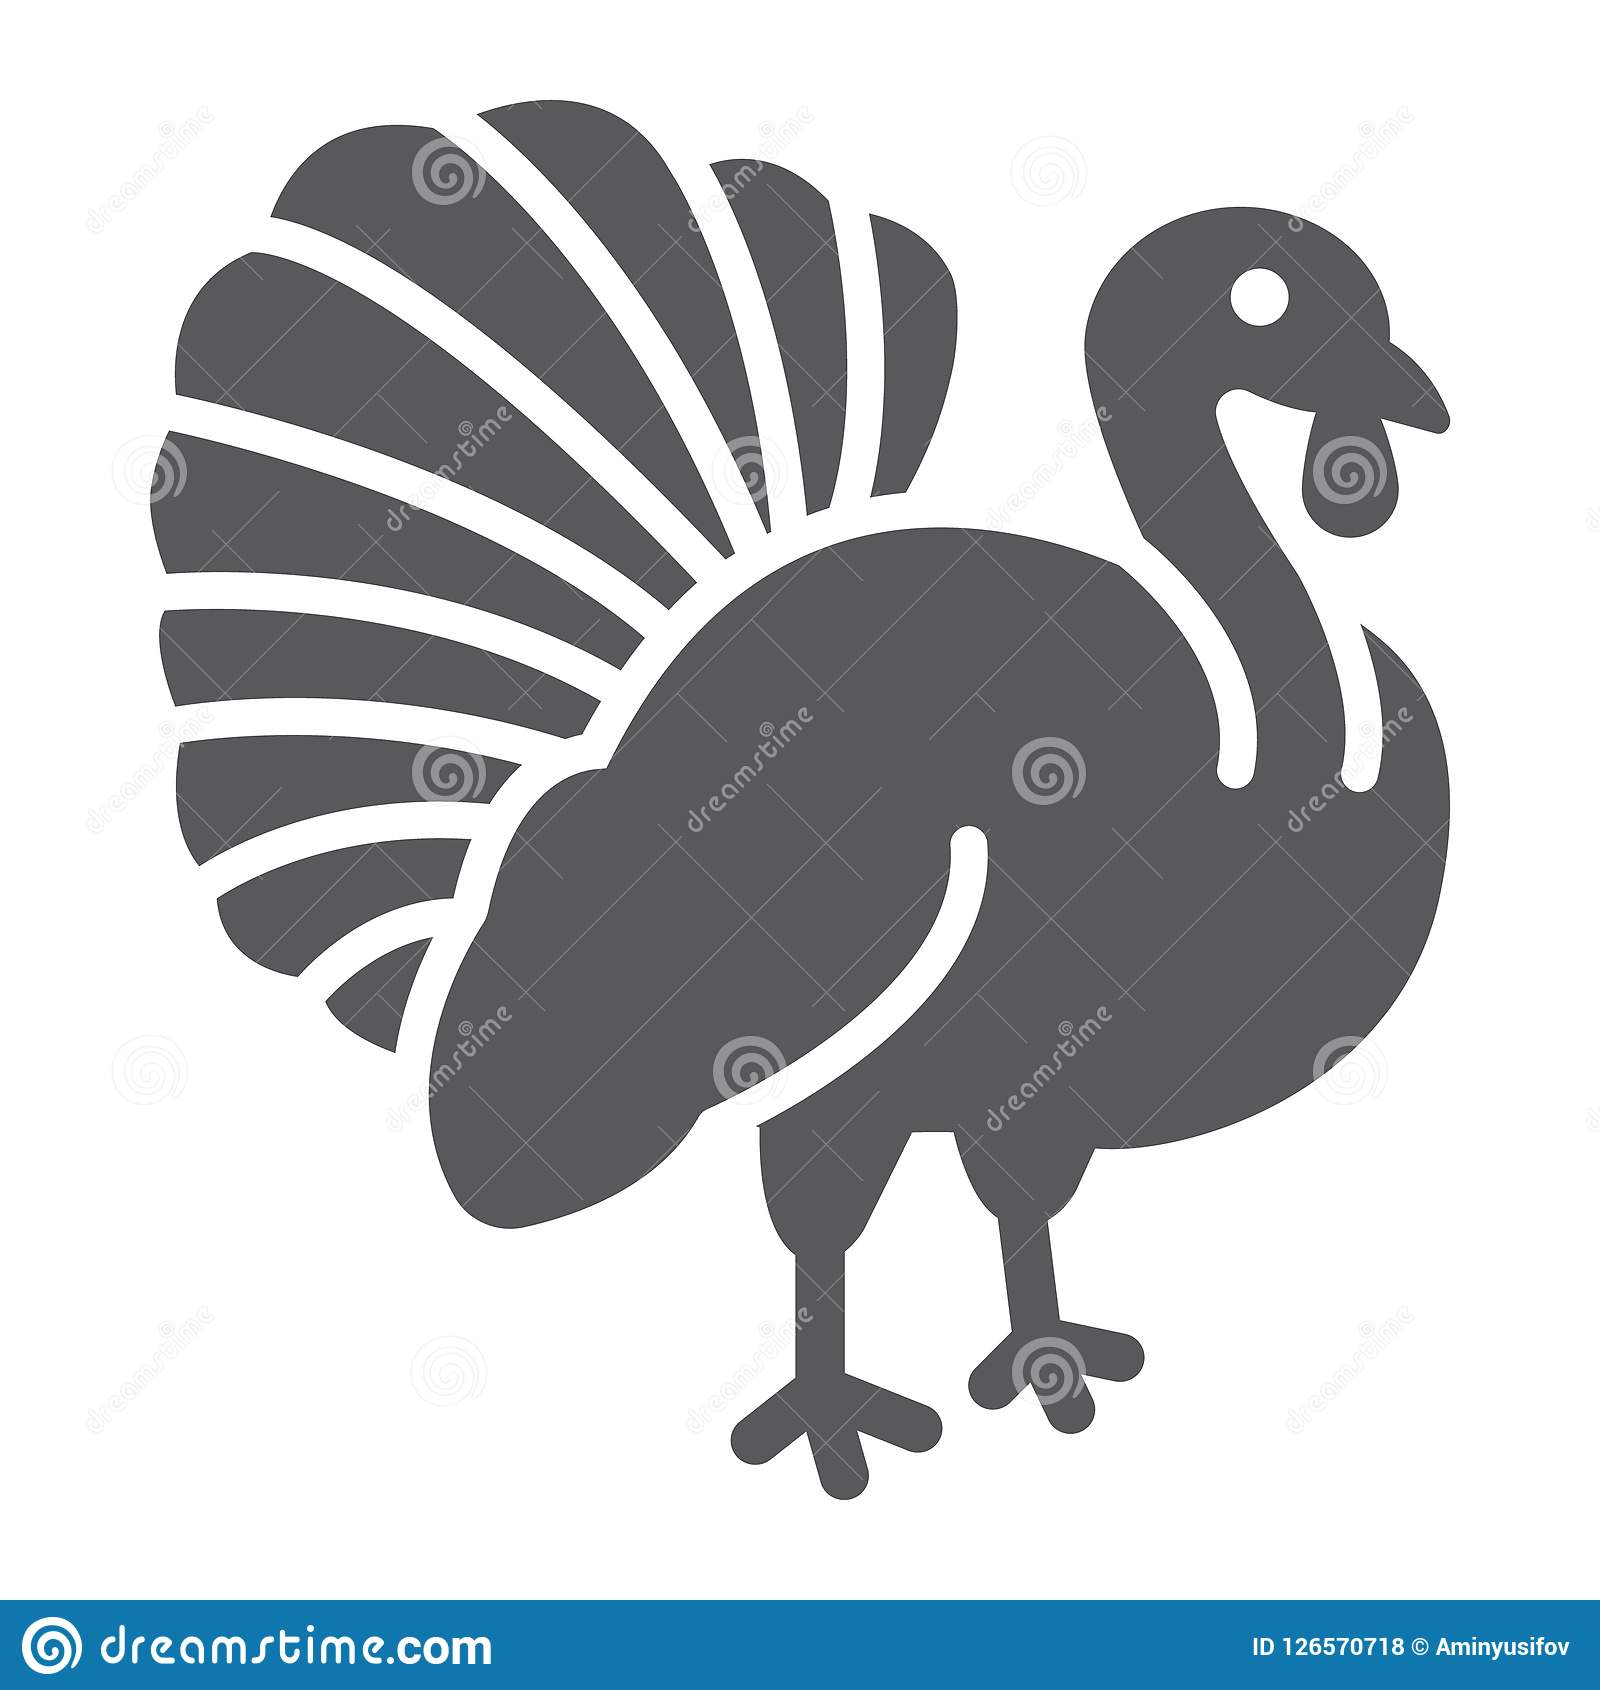 Εικονίδιο πουλιών της Τουρκίας glyph, ζώο και αγρόκτημα, σημάδι πουλερικών, διανυσματική γραφική παράσταση, ένα στερεό σχέδιο σε